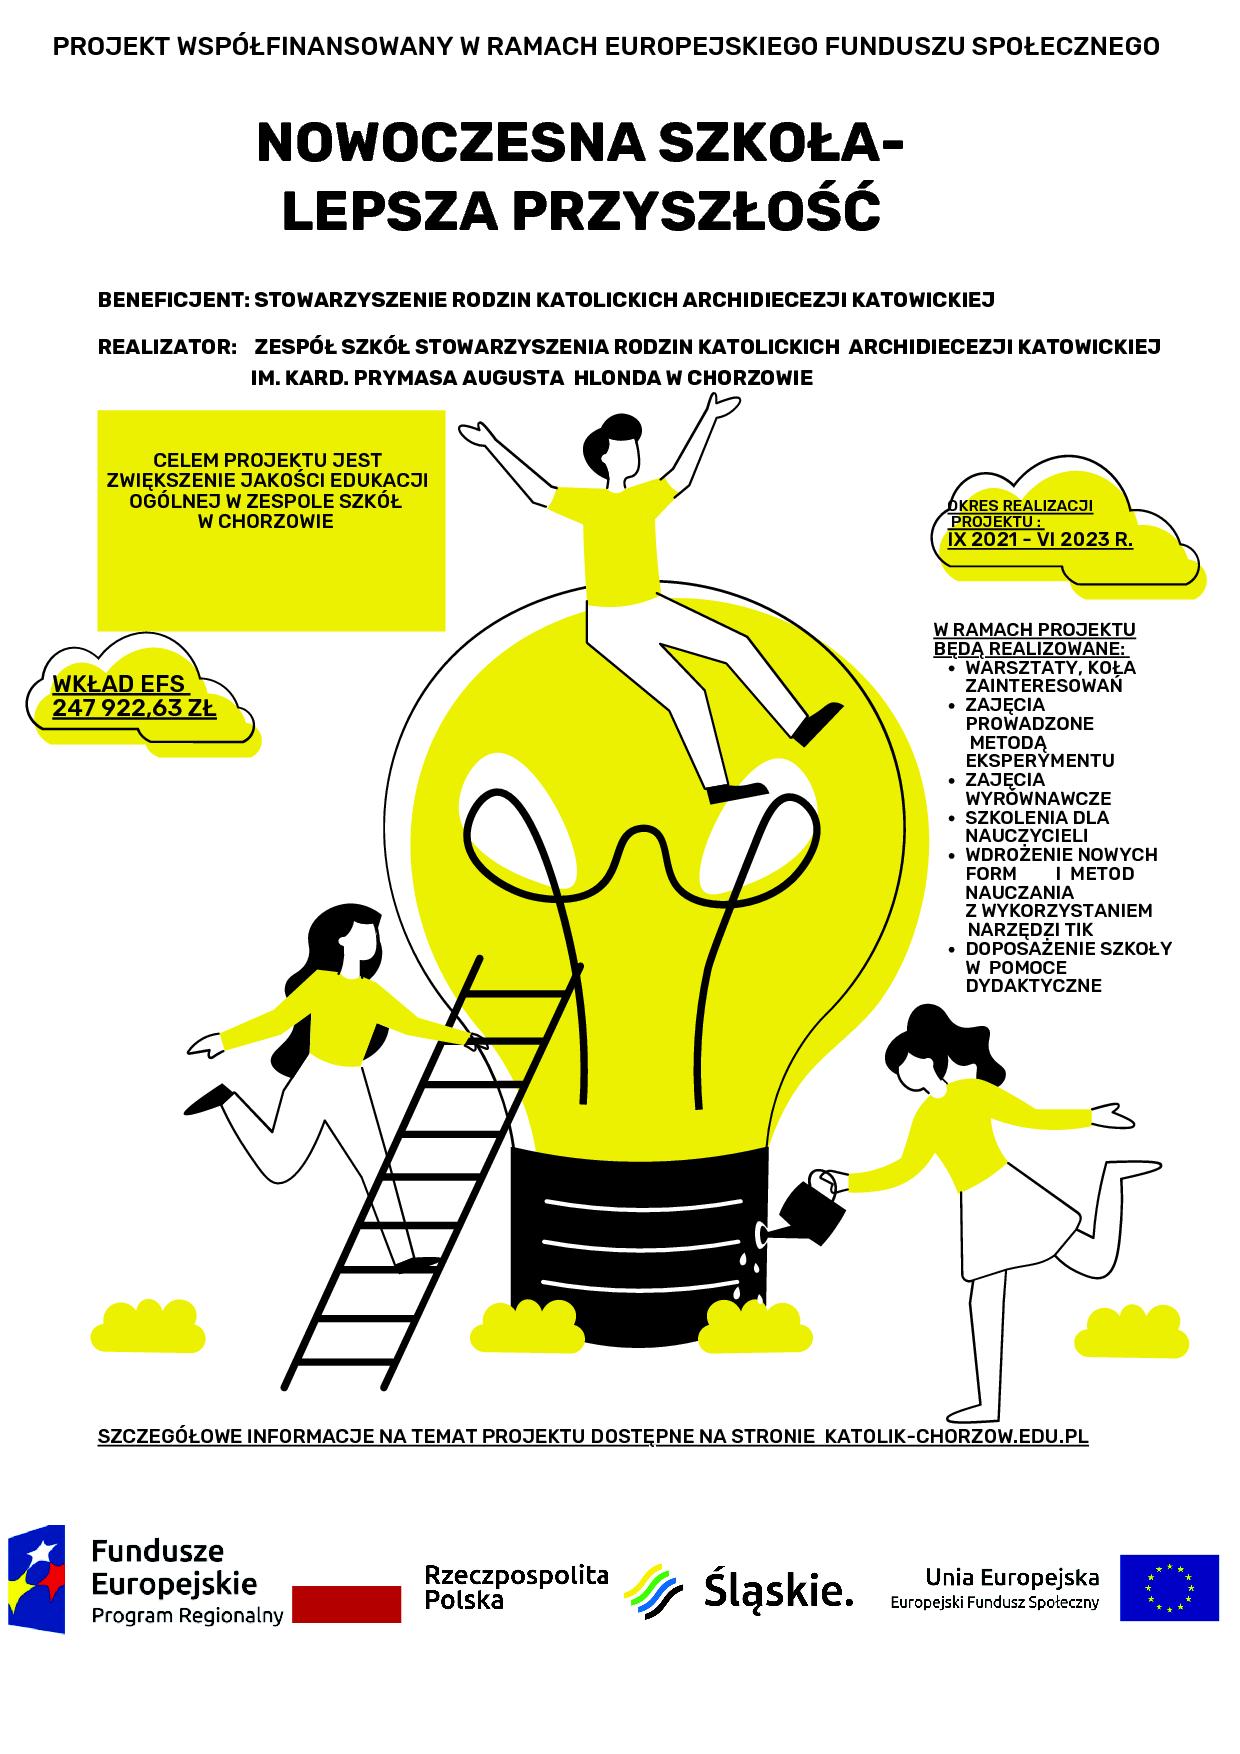 Nowoczesna szkoła-lepsza przyszłość